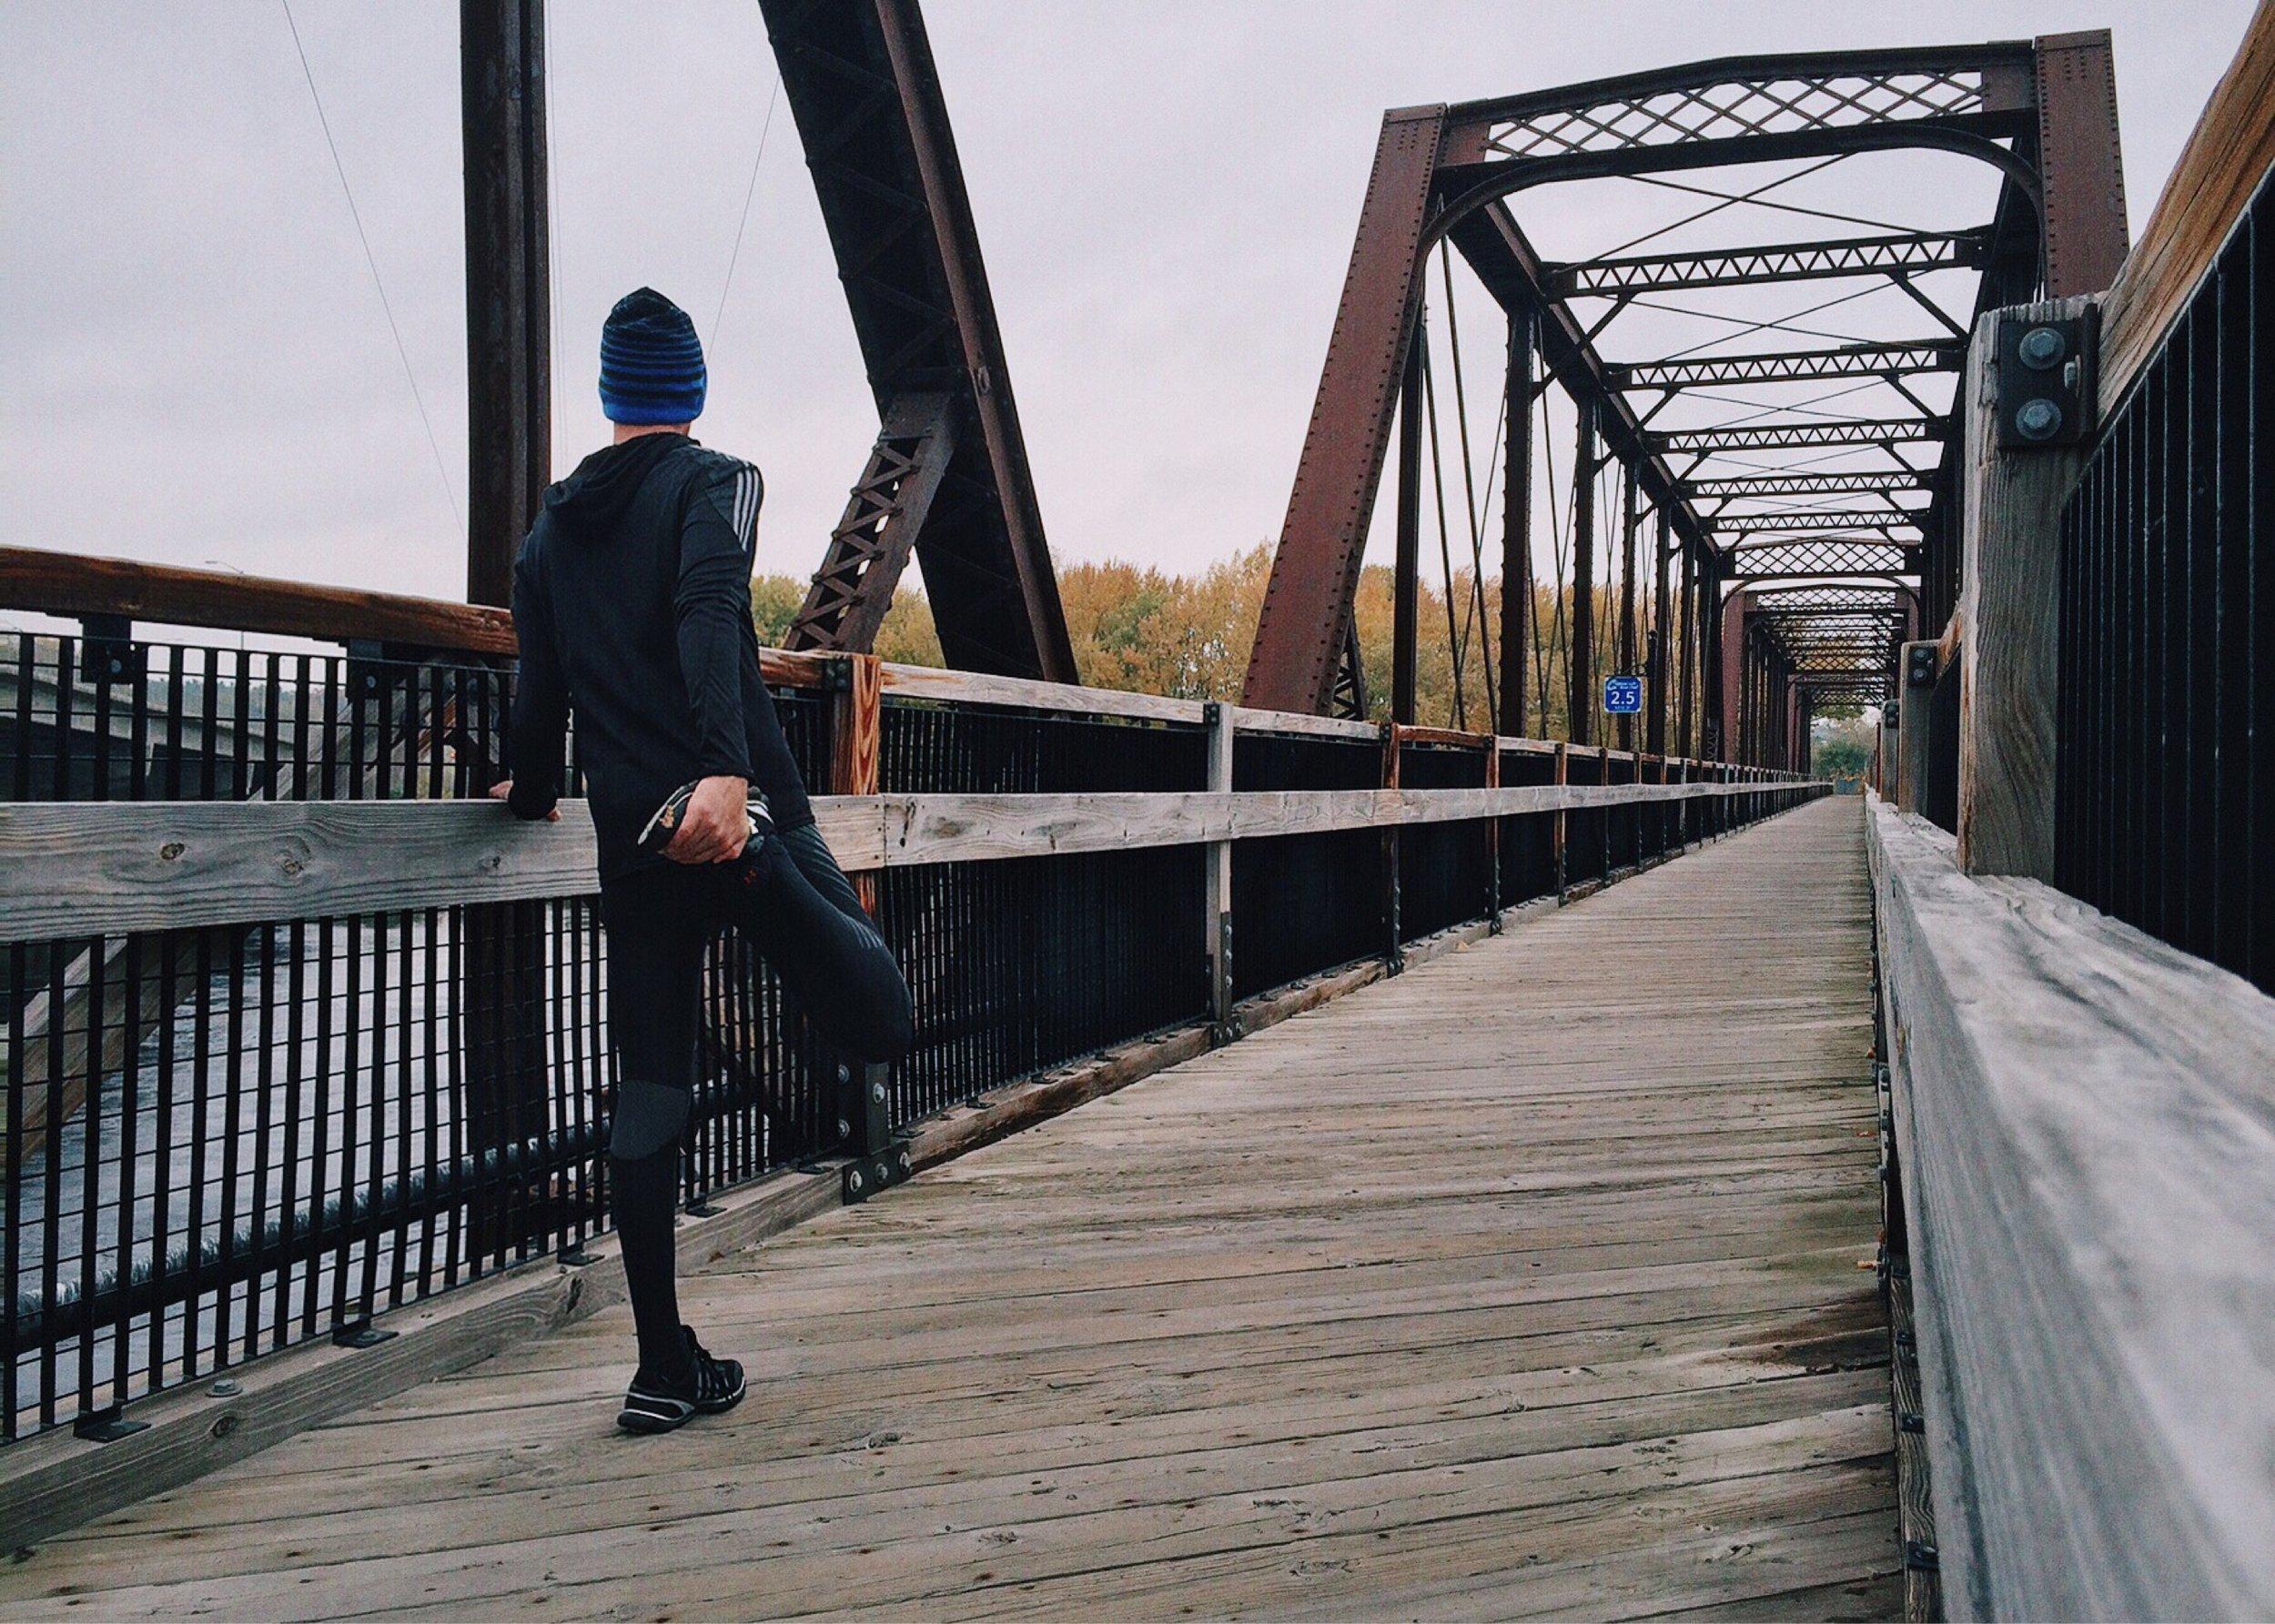 running-longevity-adding years to life